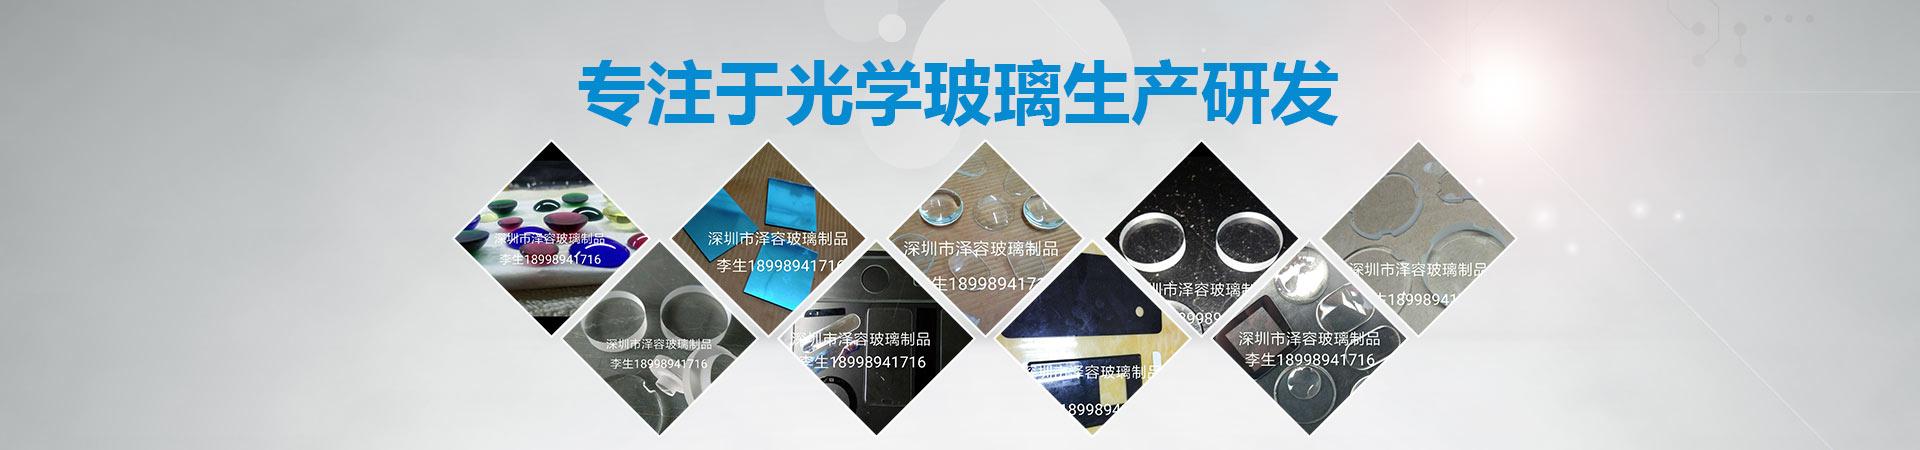 深圳市澤容玻璃制品廠企業形象圖片